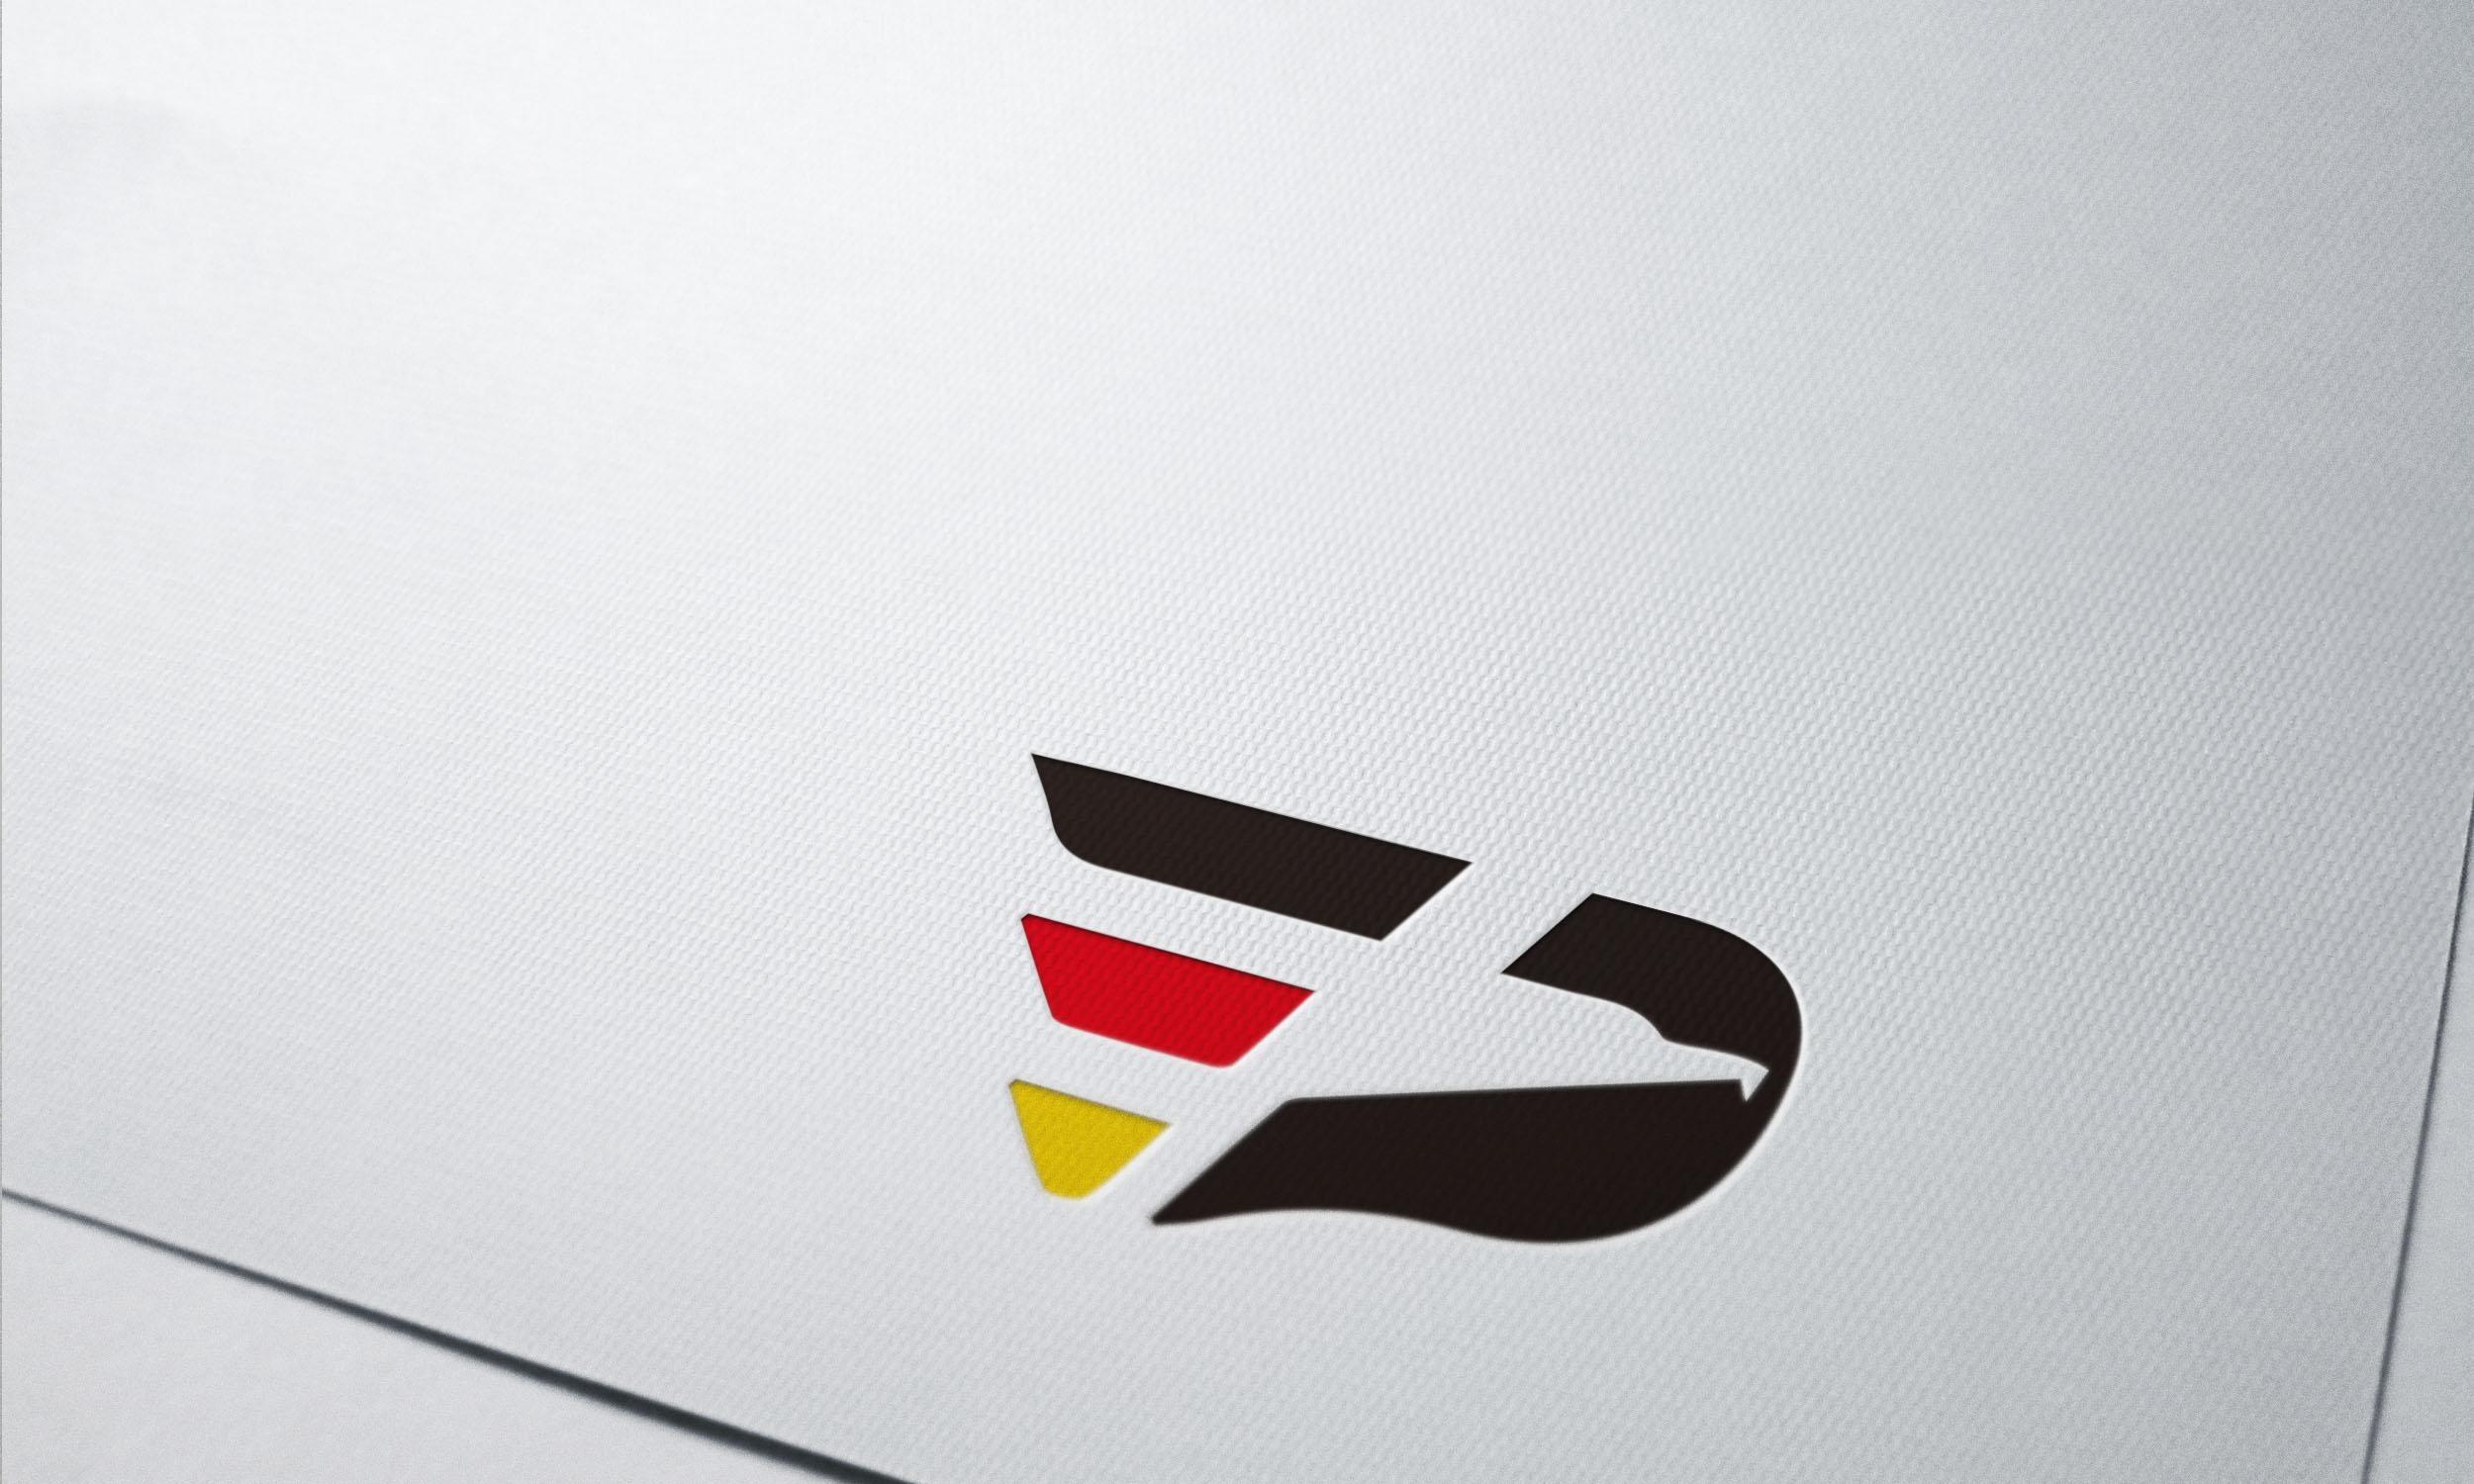 Logo修改或设计+网站小图标_3027181_k68威客网